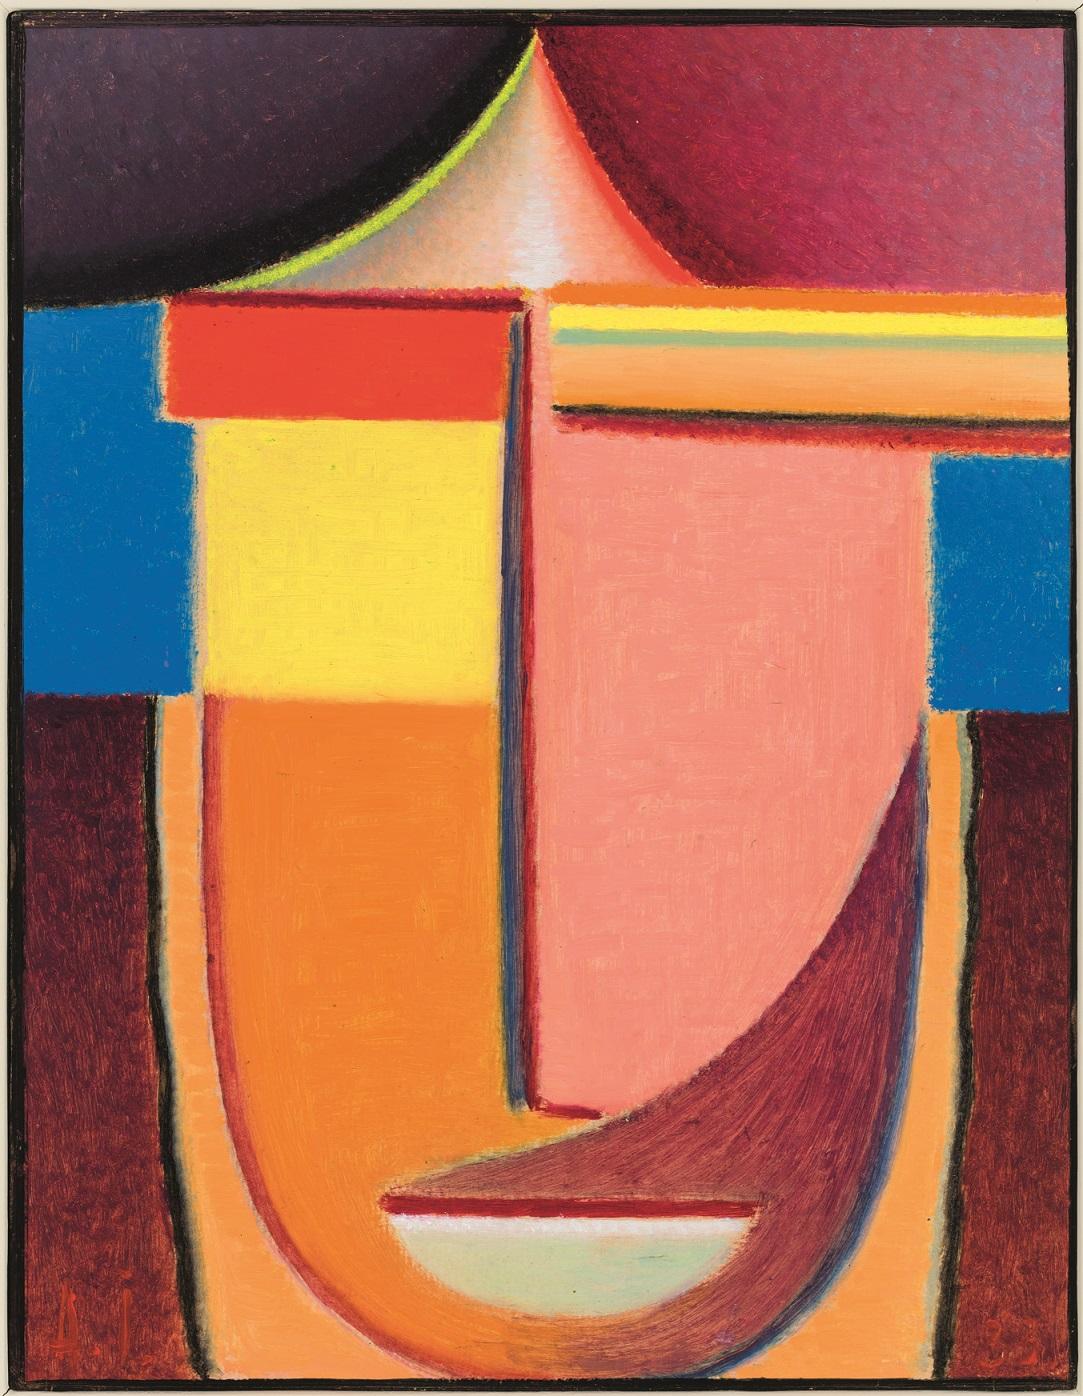 tete-abstraite-karma-193315